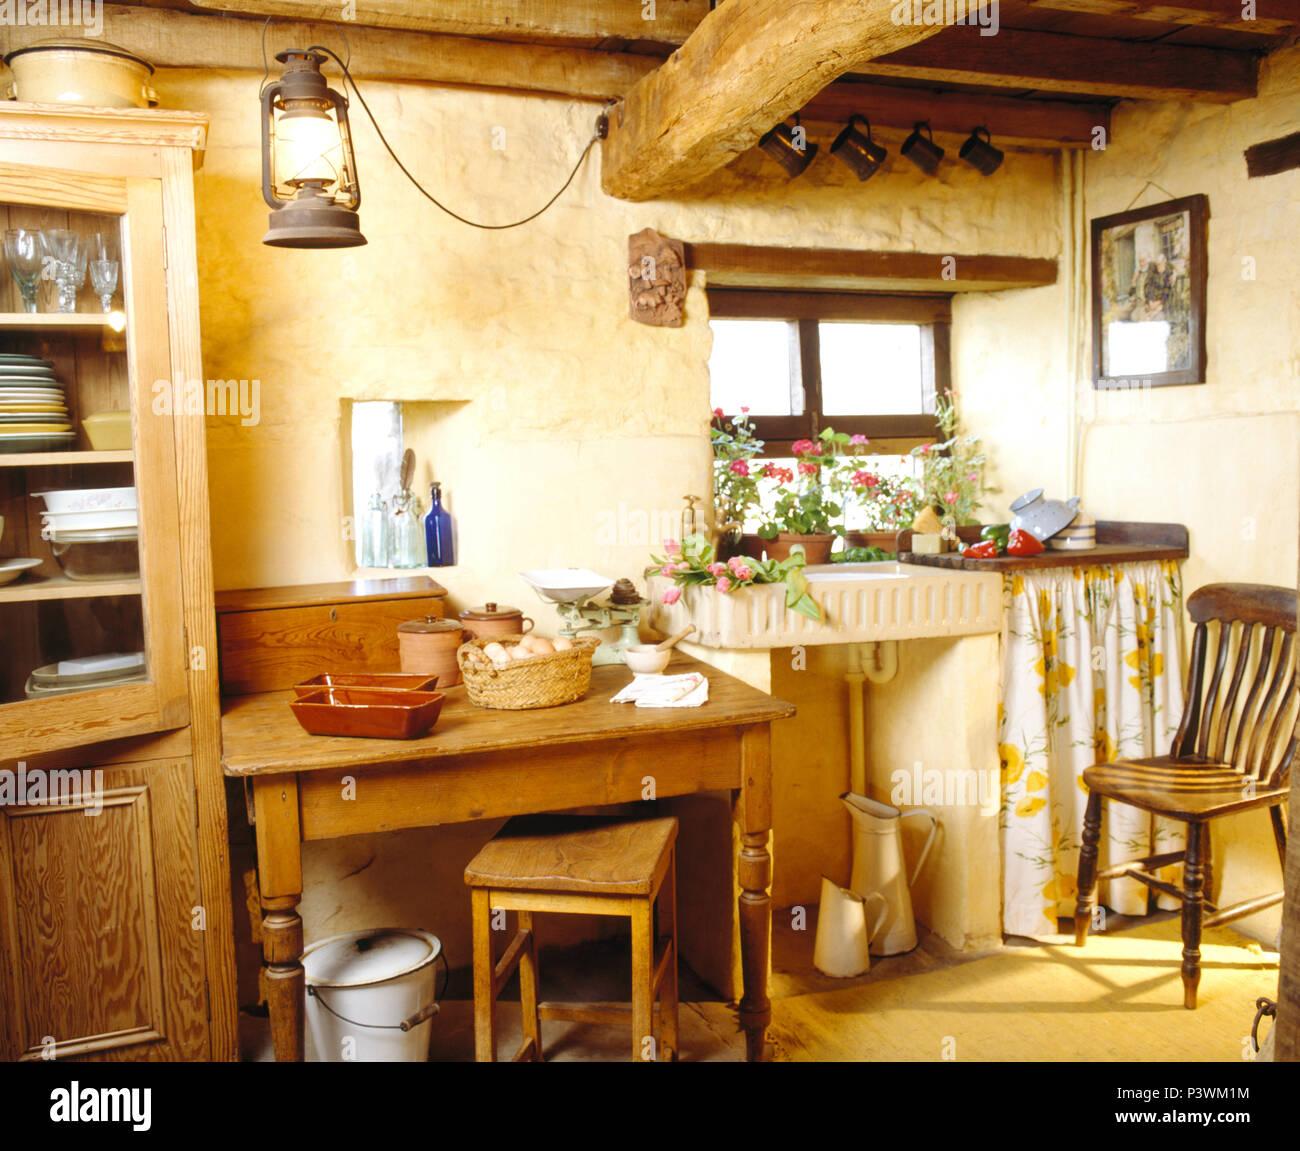 Steingut Waschbecken in kleinen cottsage Küche mit alten Kiefer ...